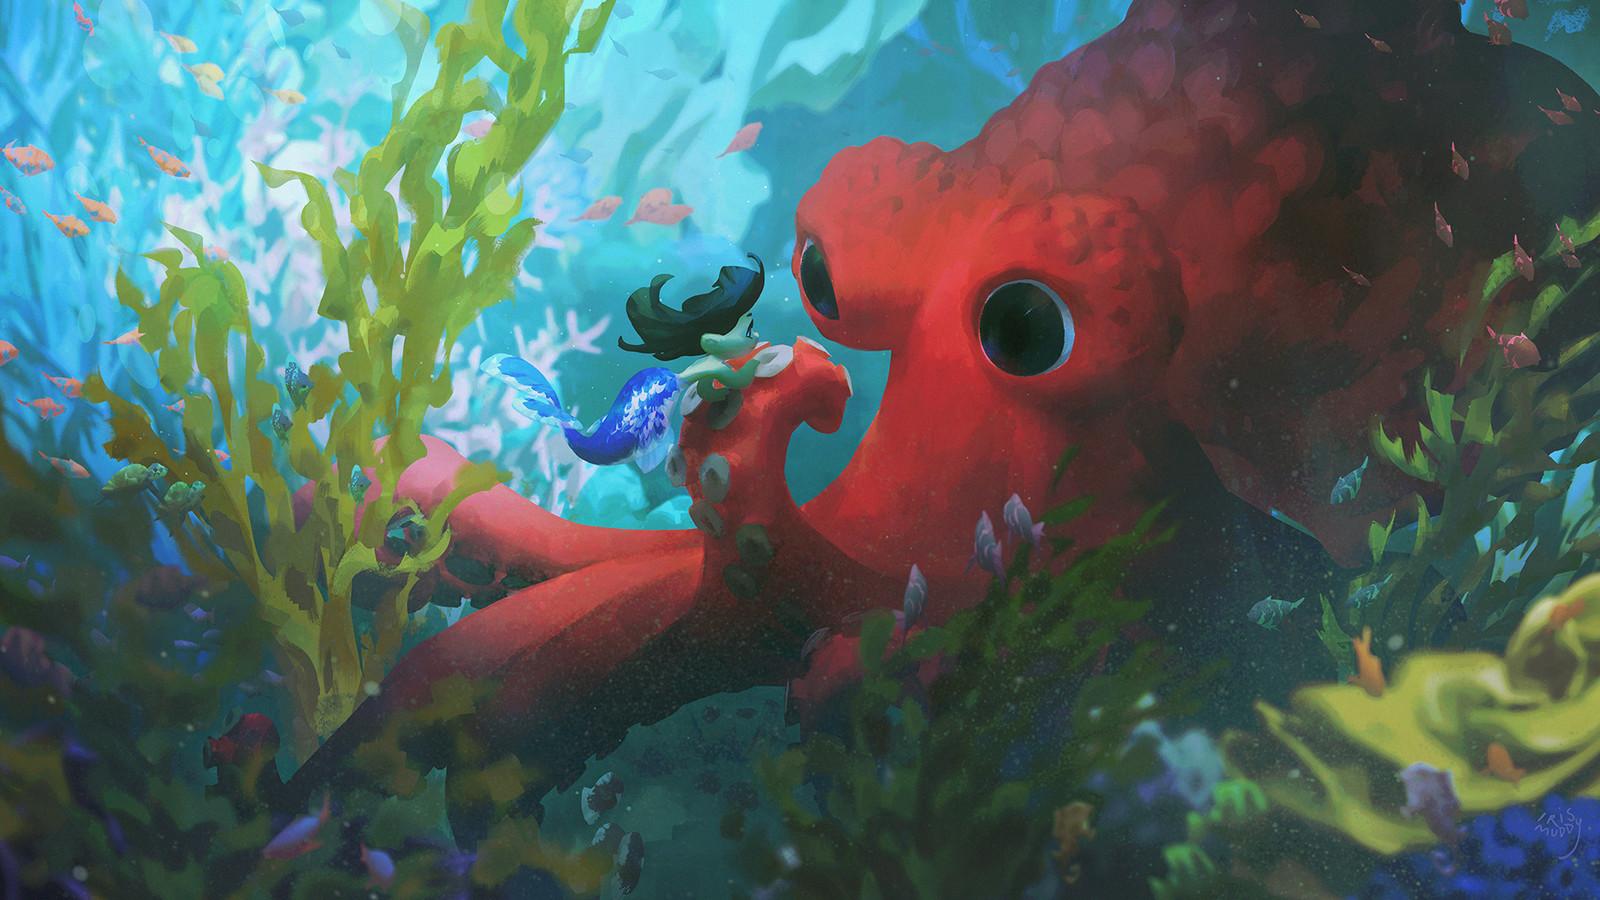 in an octopus' garden